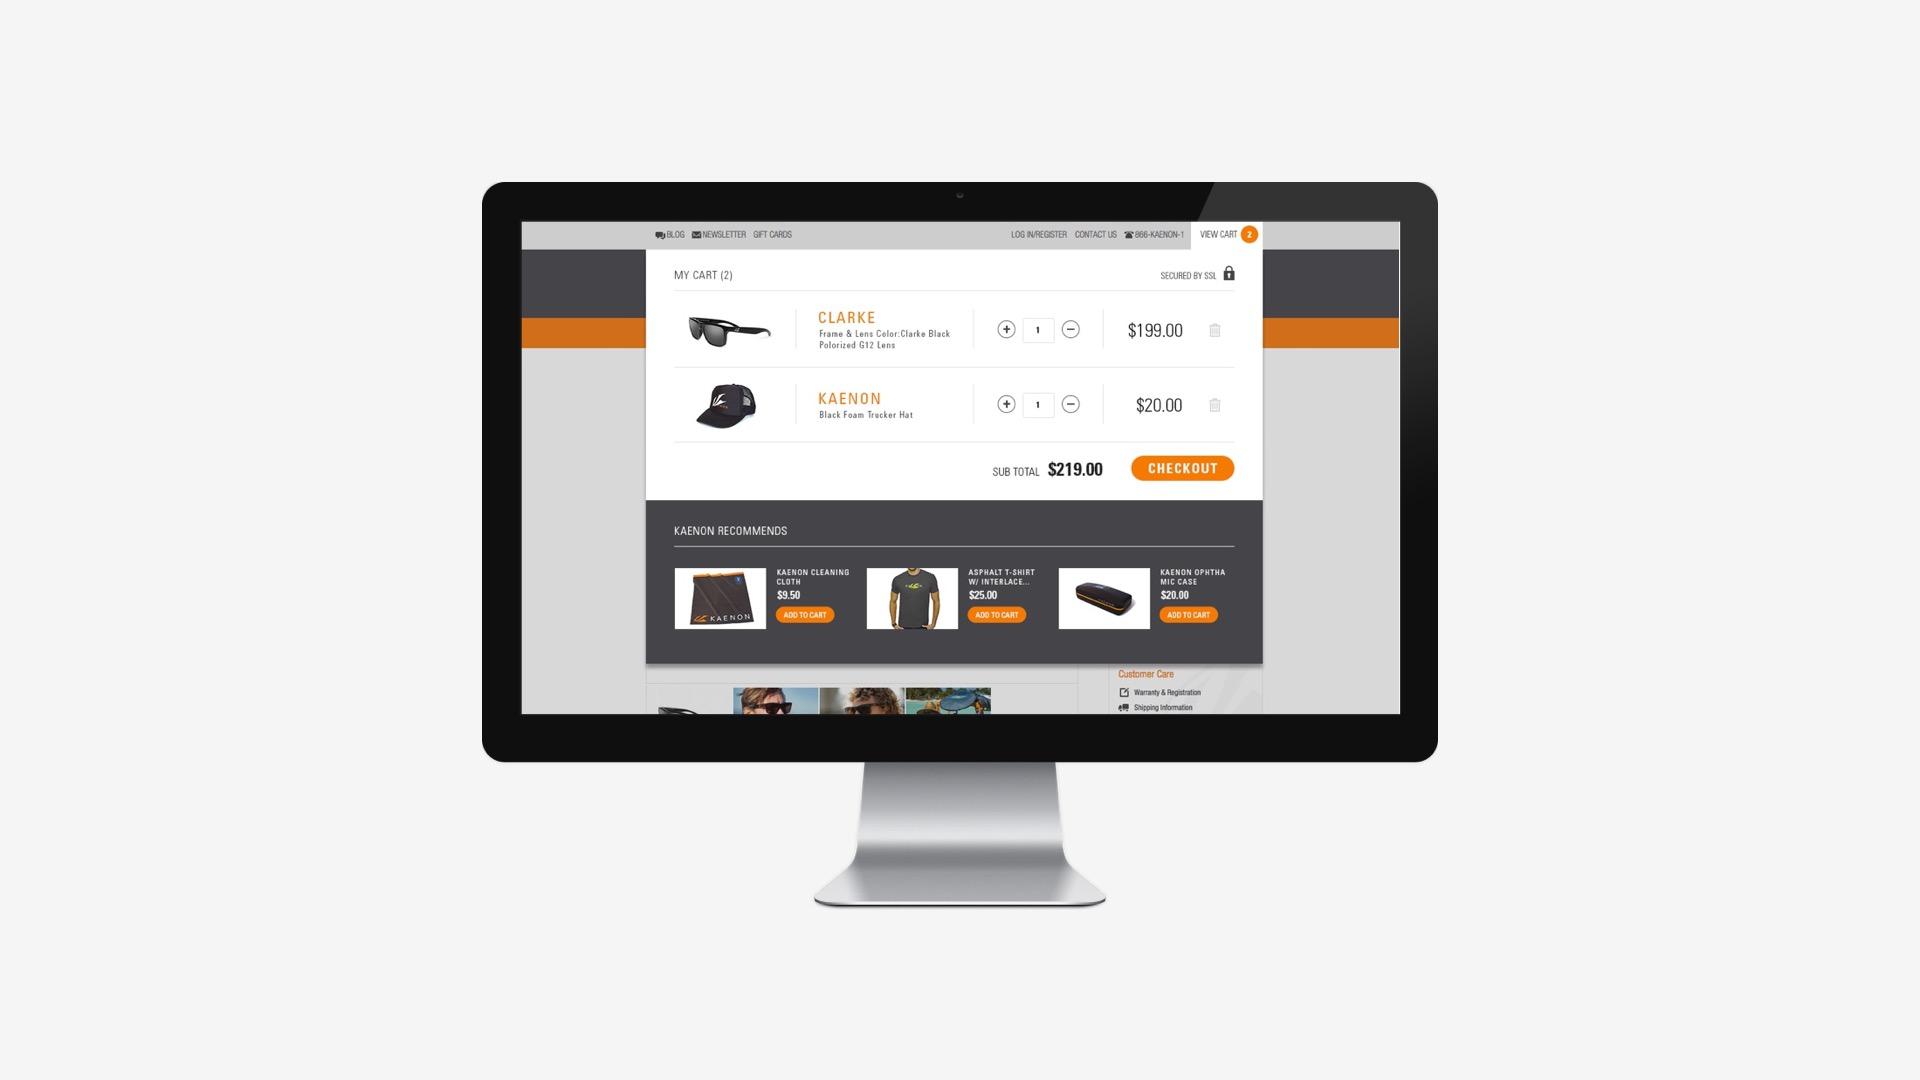 Kaenon: Shopping Cart/Checkout Process